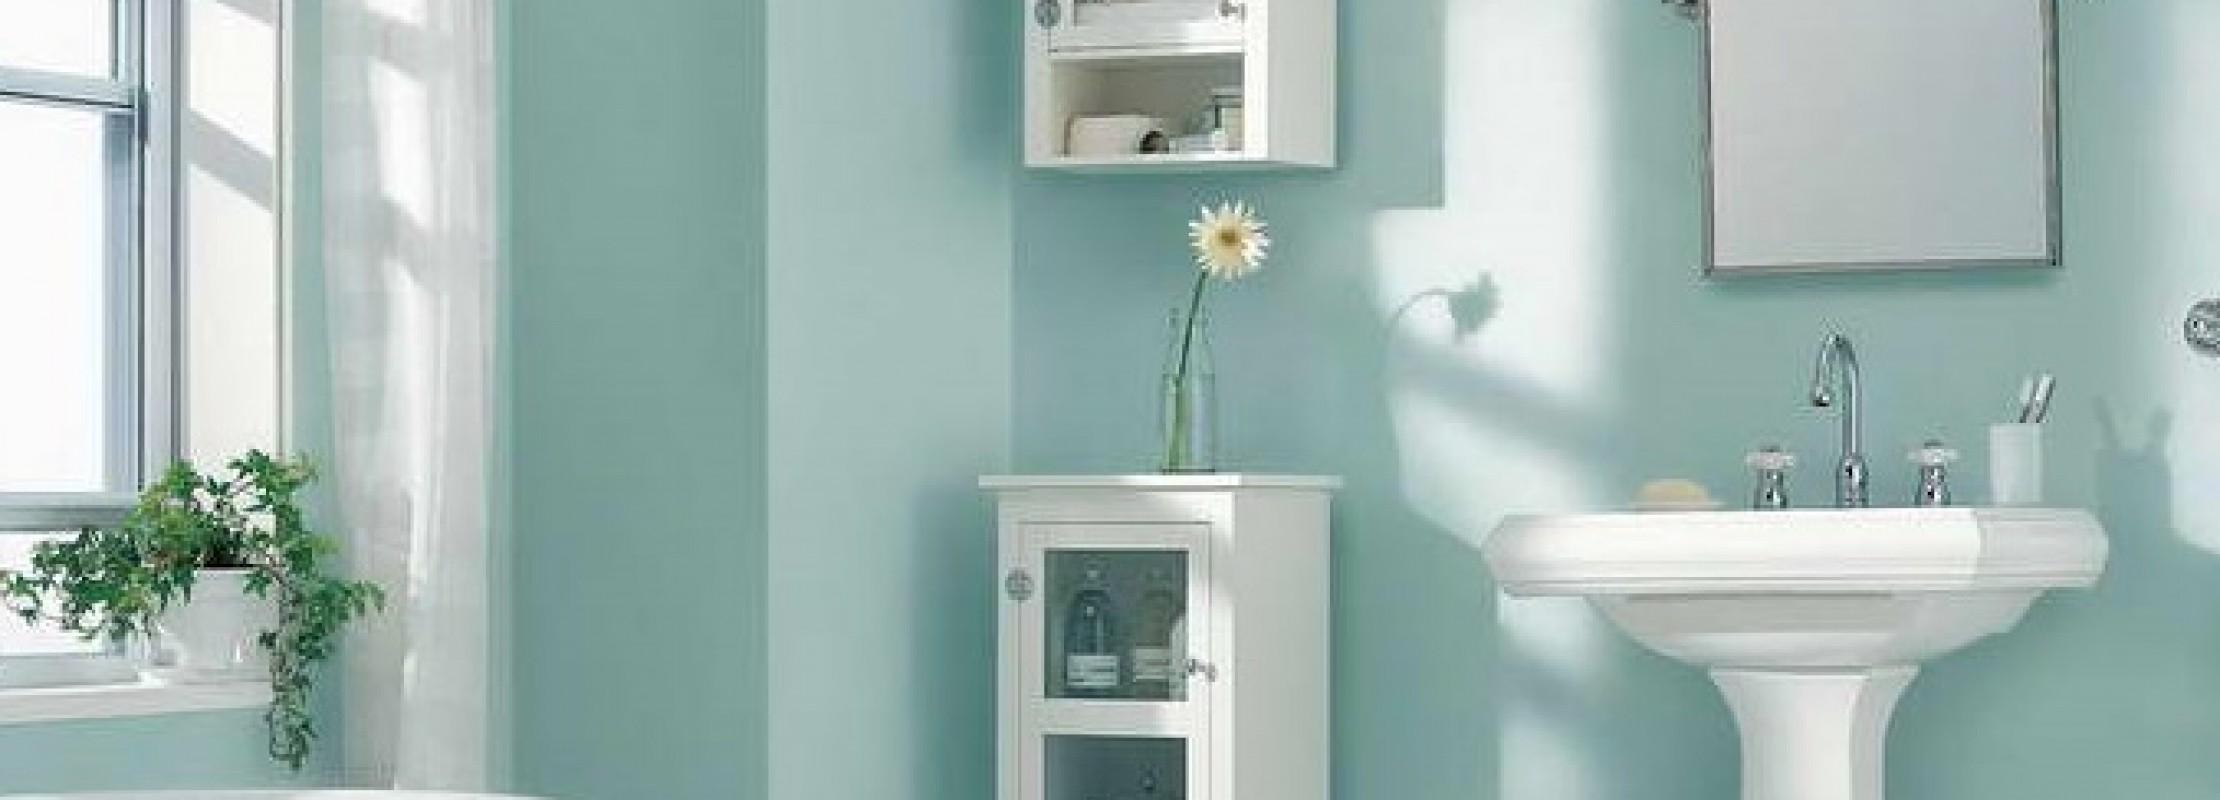 Come pitturare il bagno   Blog Edilnet